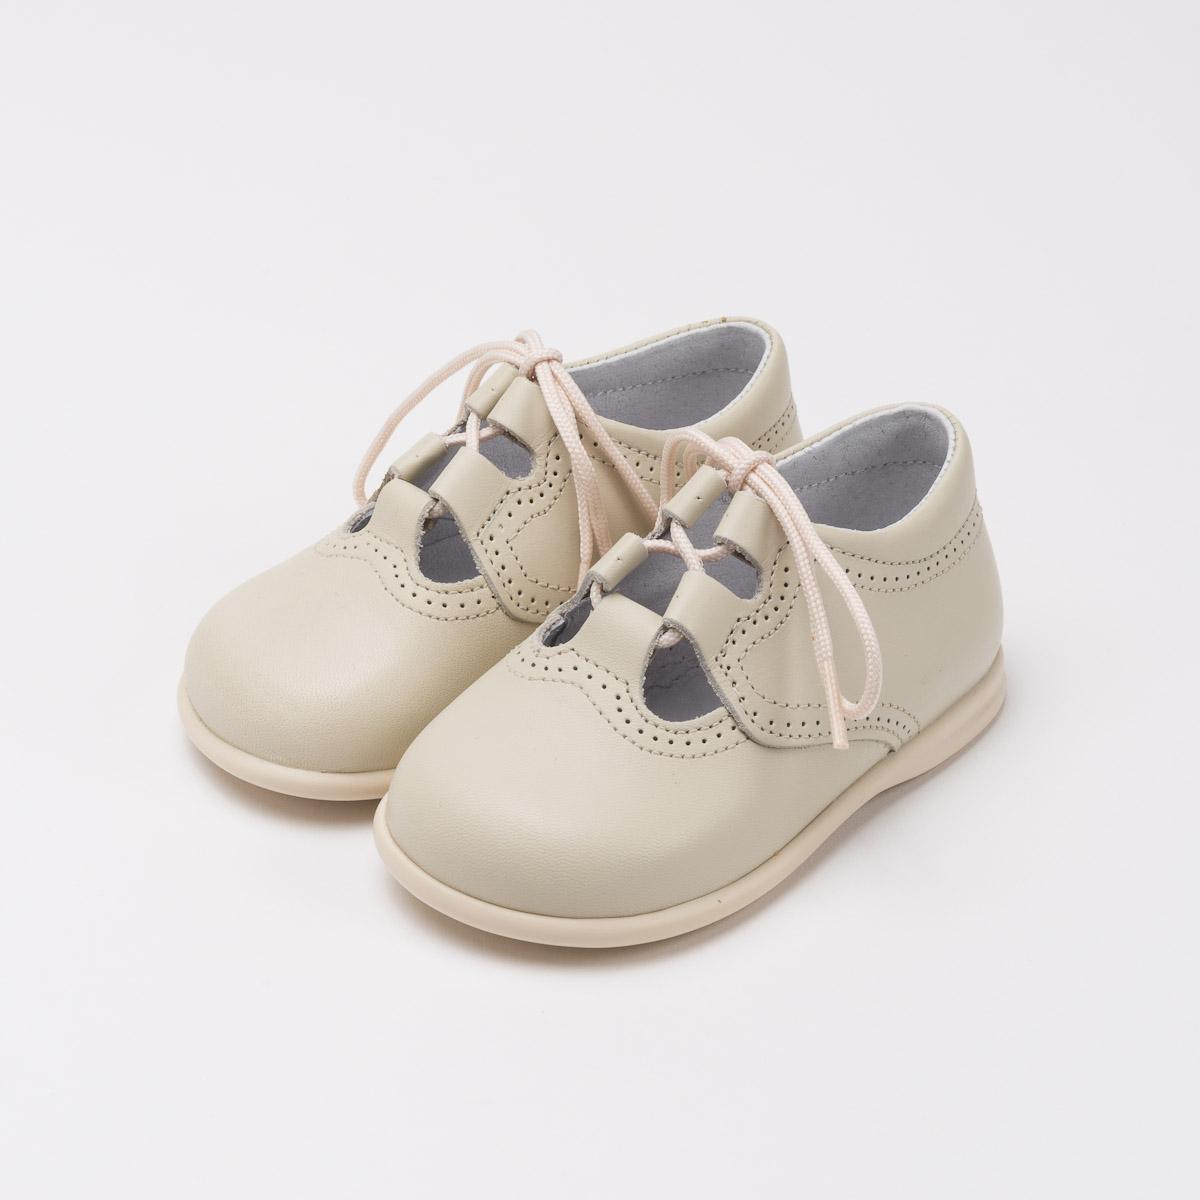 818f9945d zapatos inglesitos beige